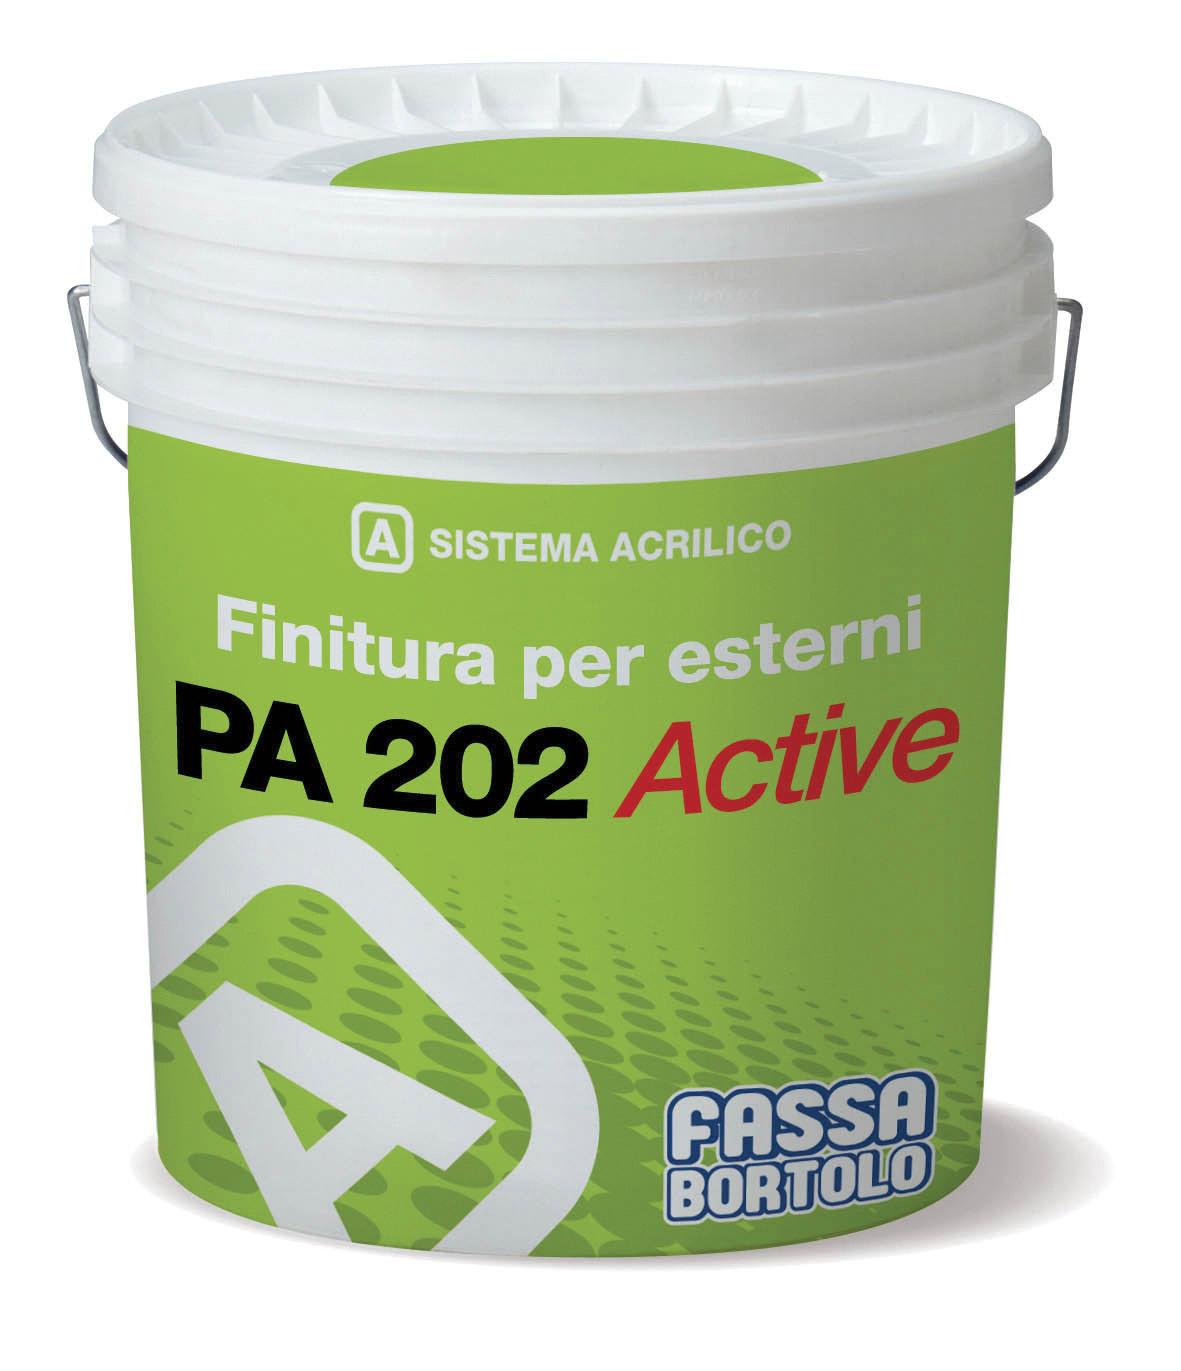 PA 202 ACTIVE: Finitura protettiva riempitiva